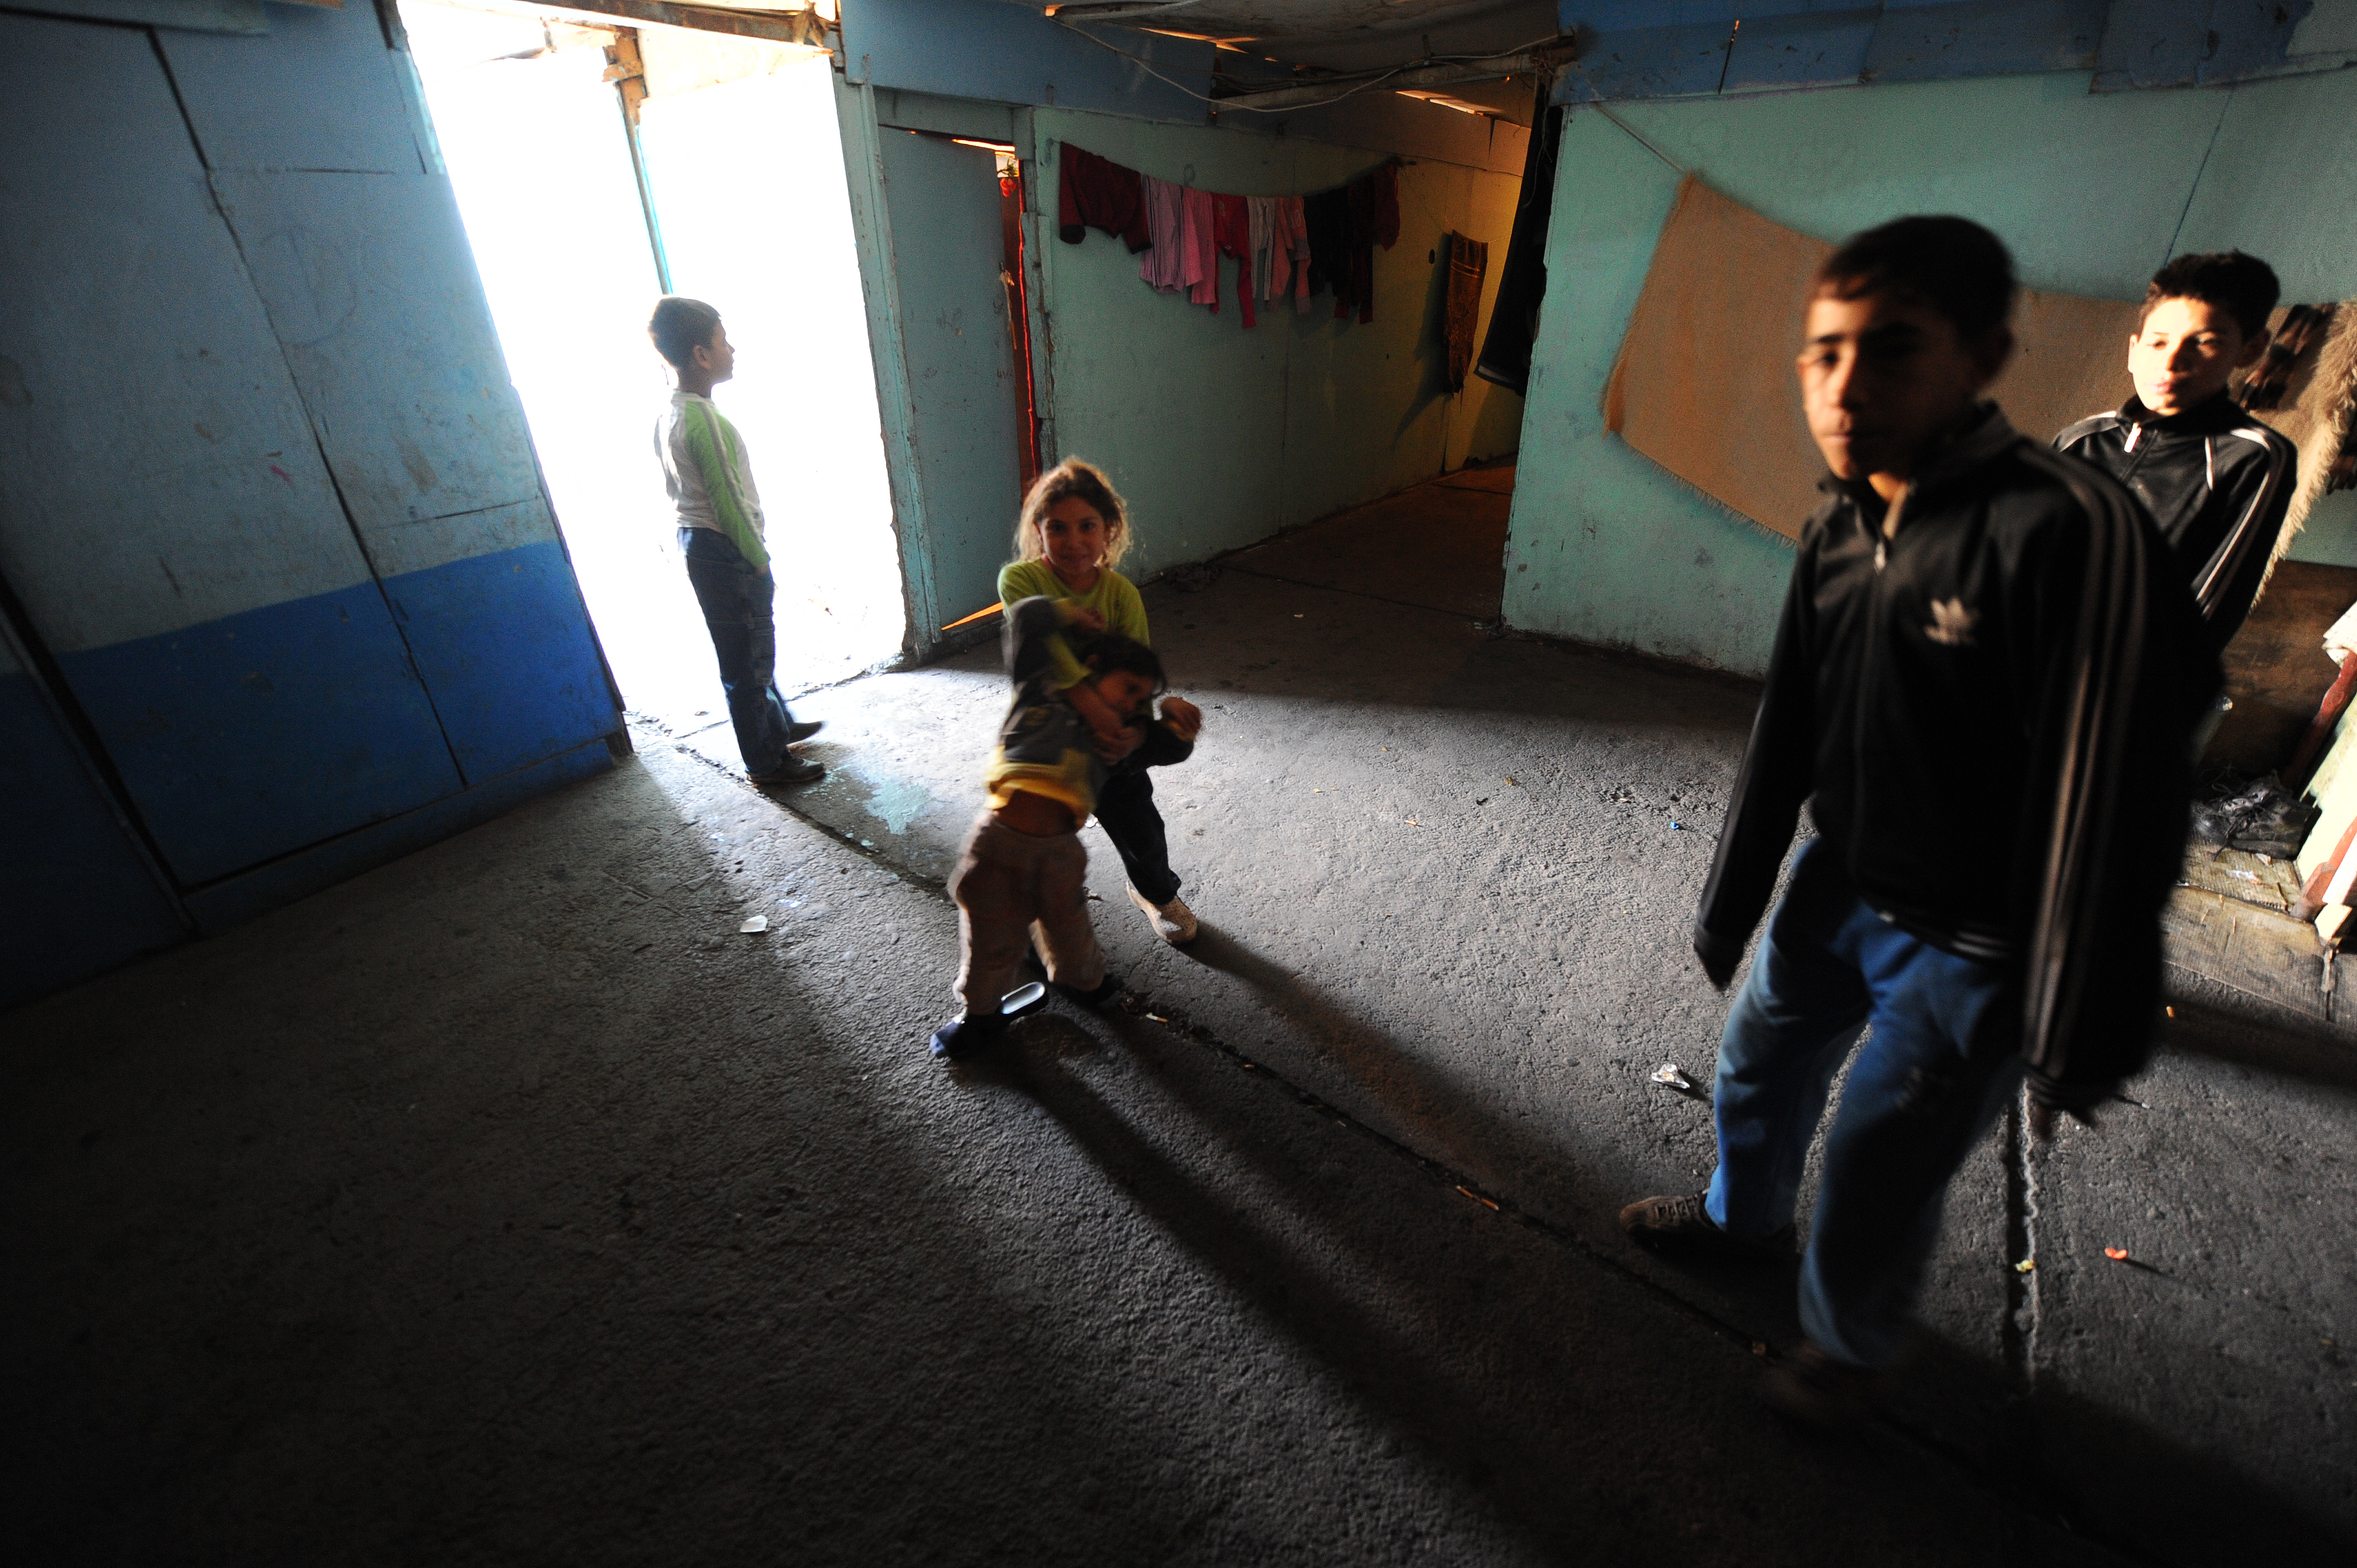 Roma-Kinder in ihrer Unterkunft im Flüchtlingslager in Leposavic im Nordkosovo